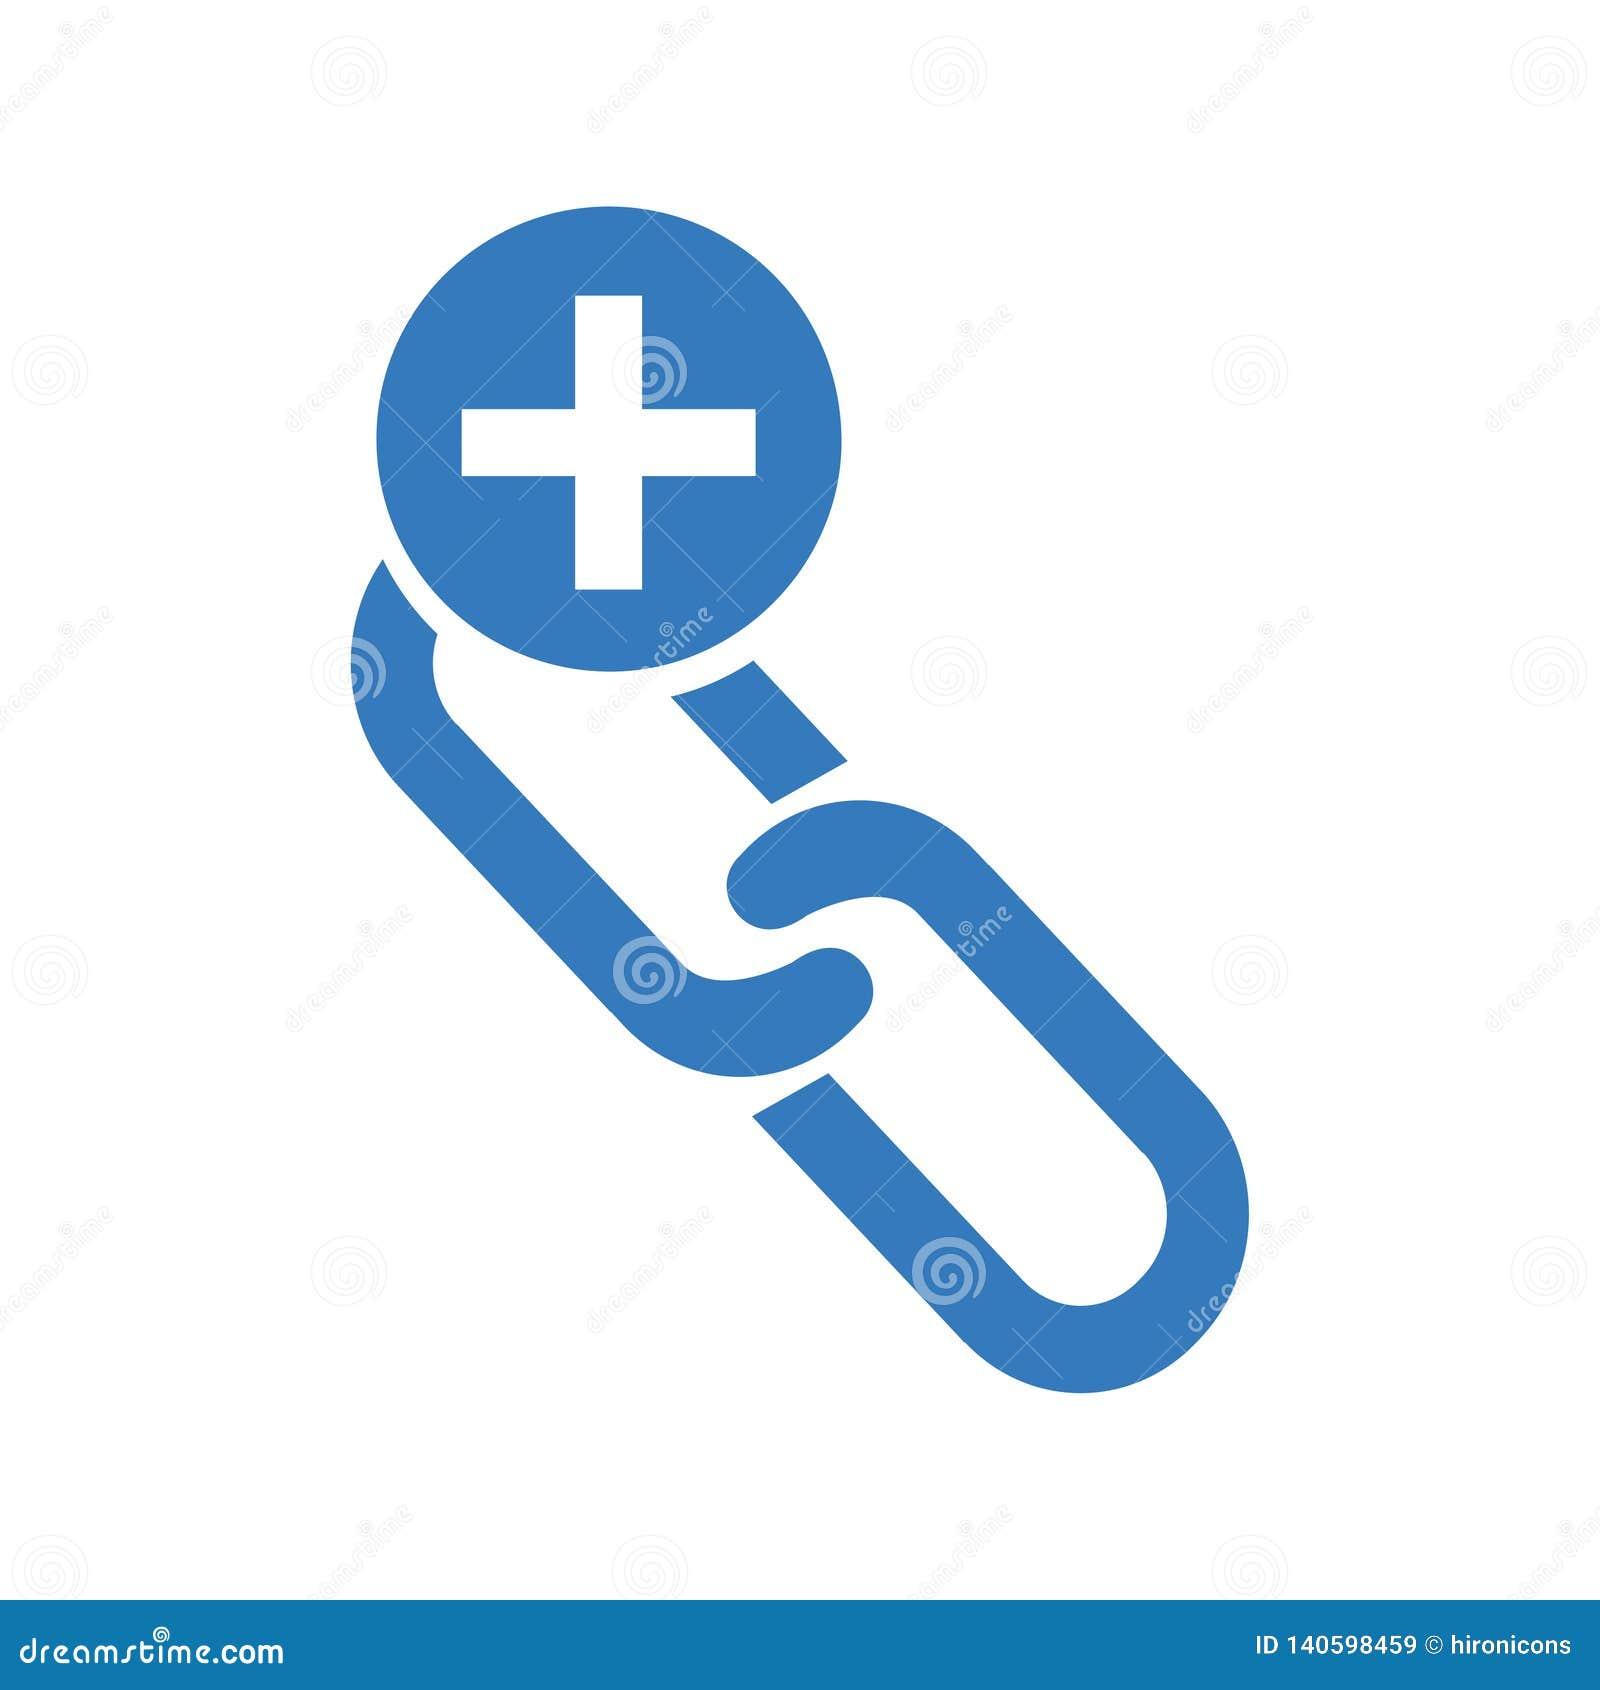 El icono del edificio del vínculo/añade vínculo de la web/añade la cadena